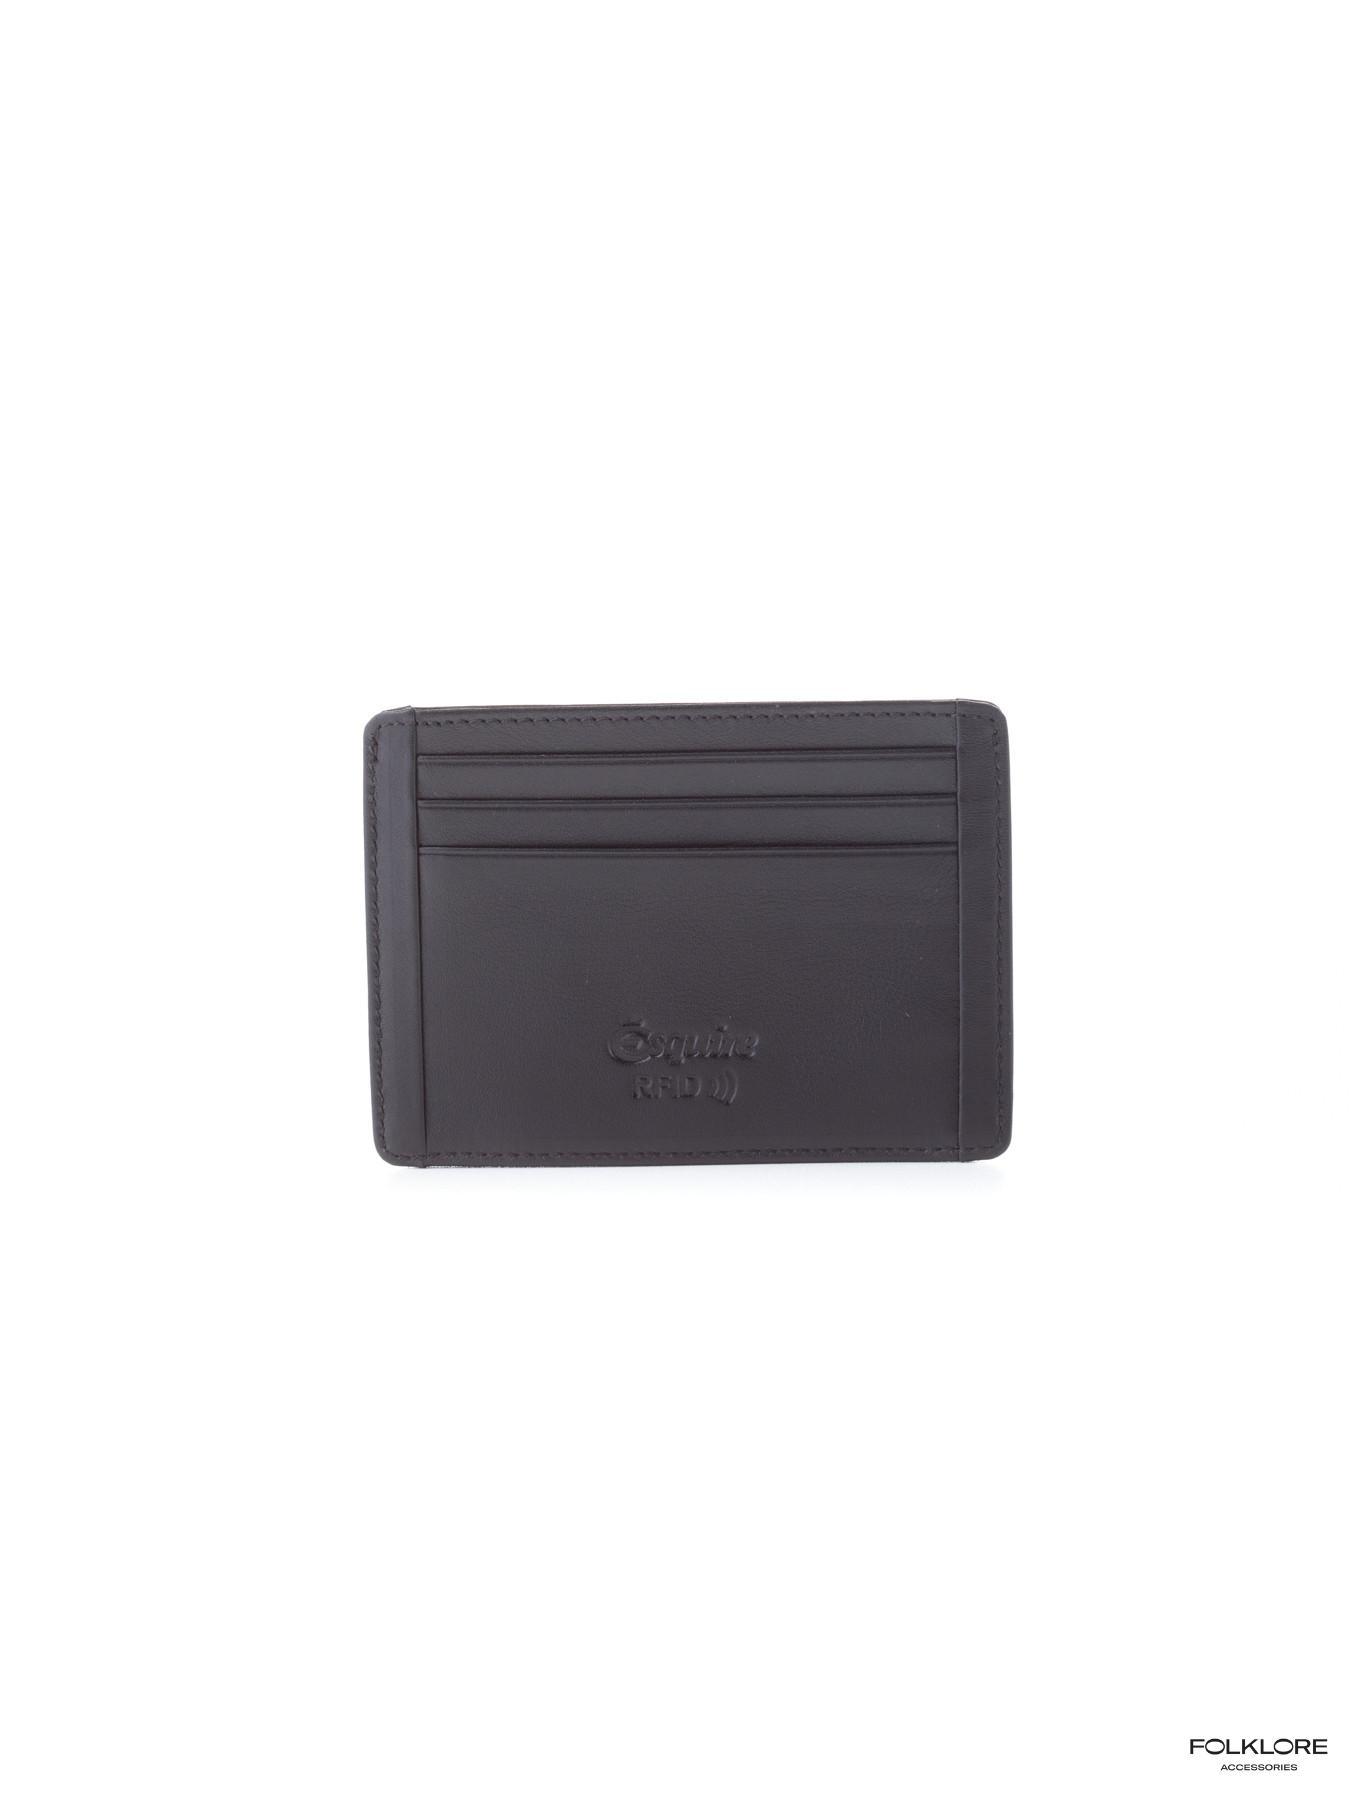 ESQUIRE Kožna futrola za kartice sa RFID zaštitom